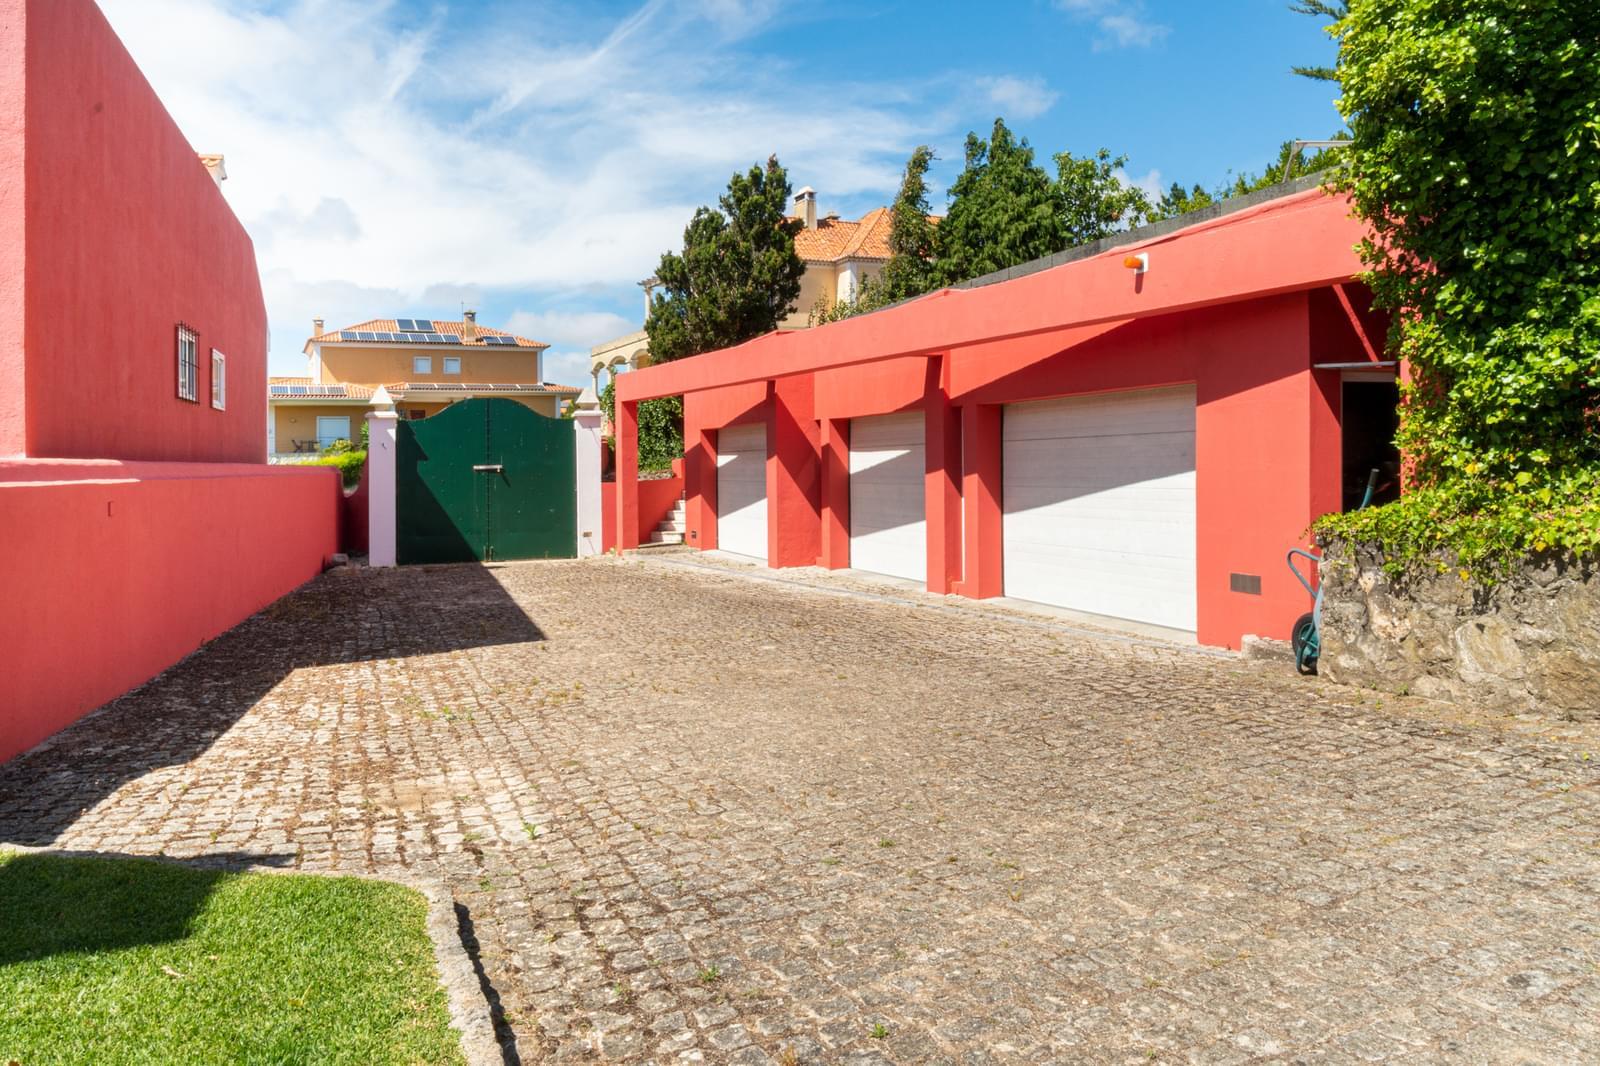 PF23151, Moradia T6 + 3, Sintra